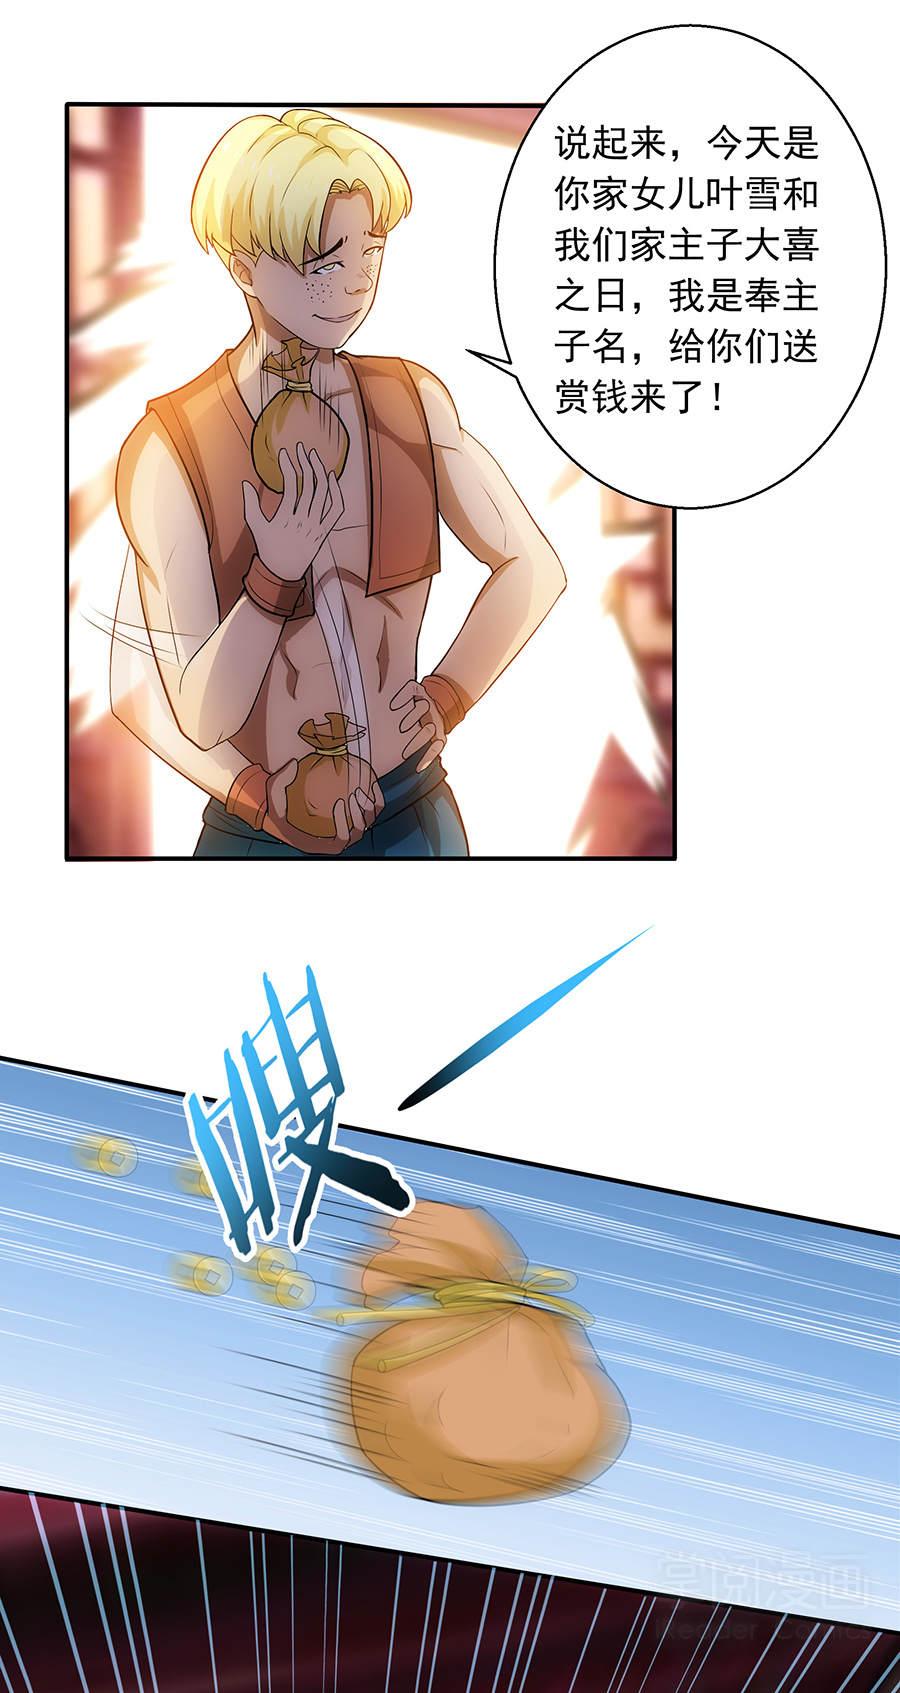 绝世剑神第2话  恶奴上门 第 10